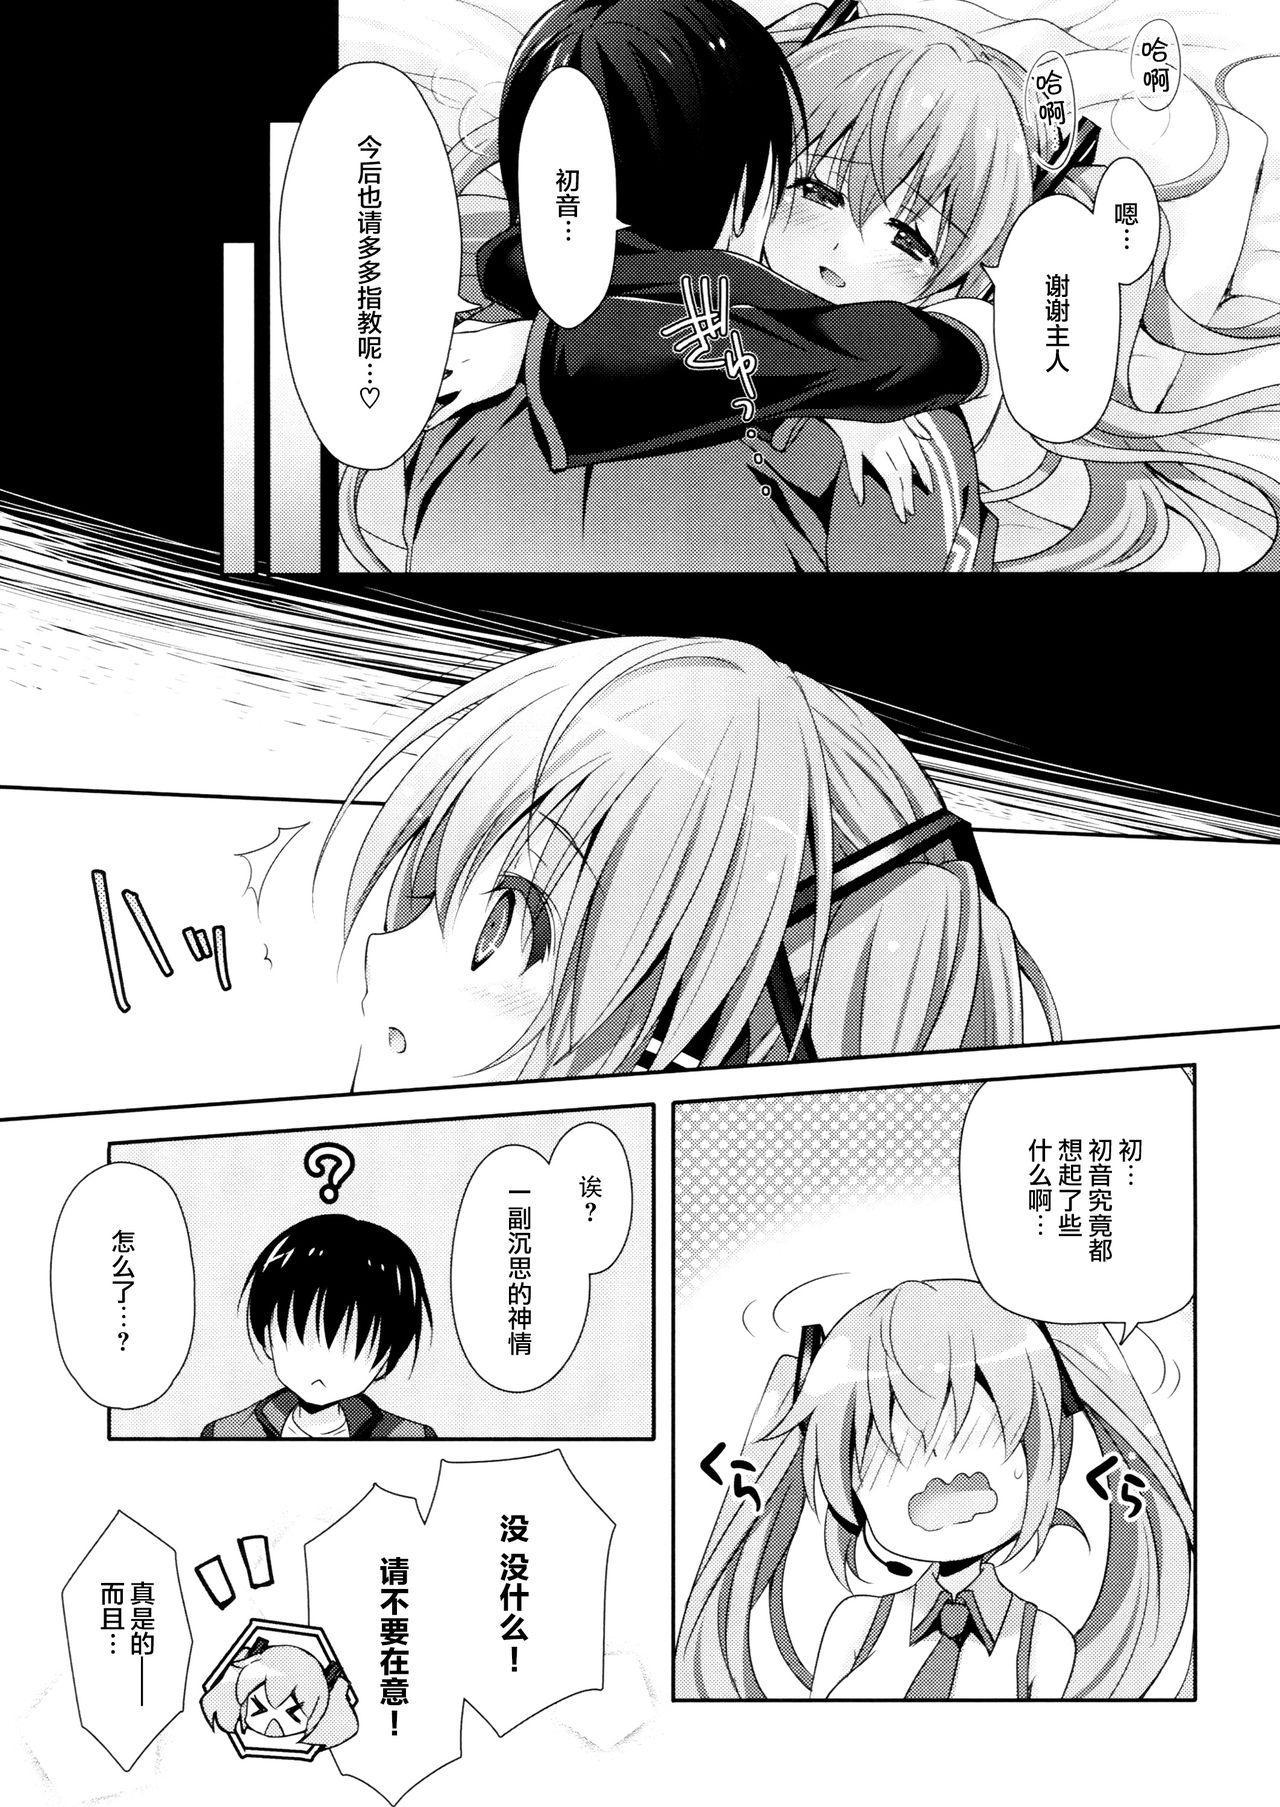 Miku-san ga 10 Shuunen ni Iroiro Omoidashi Tari Suru Ohanashi 19